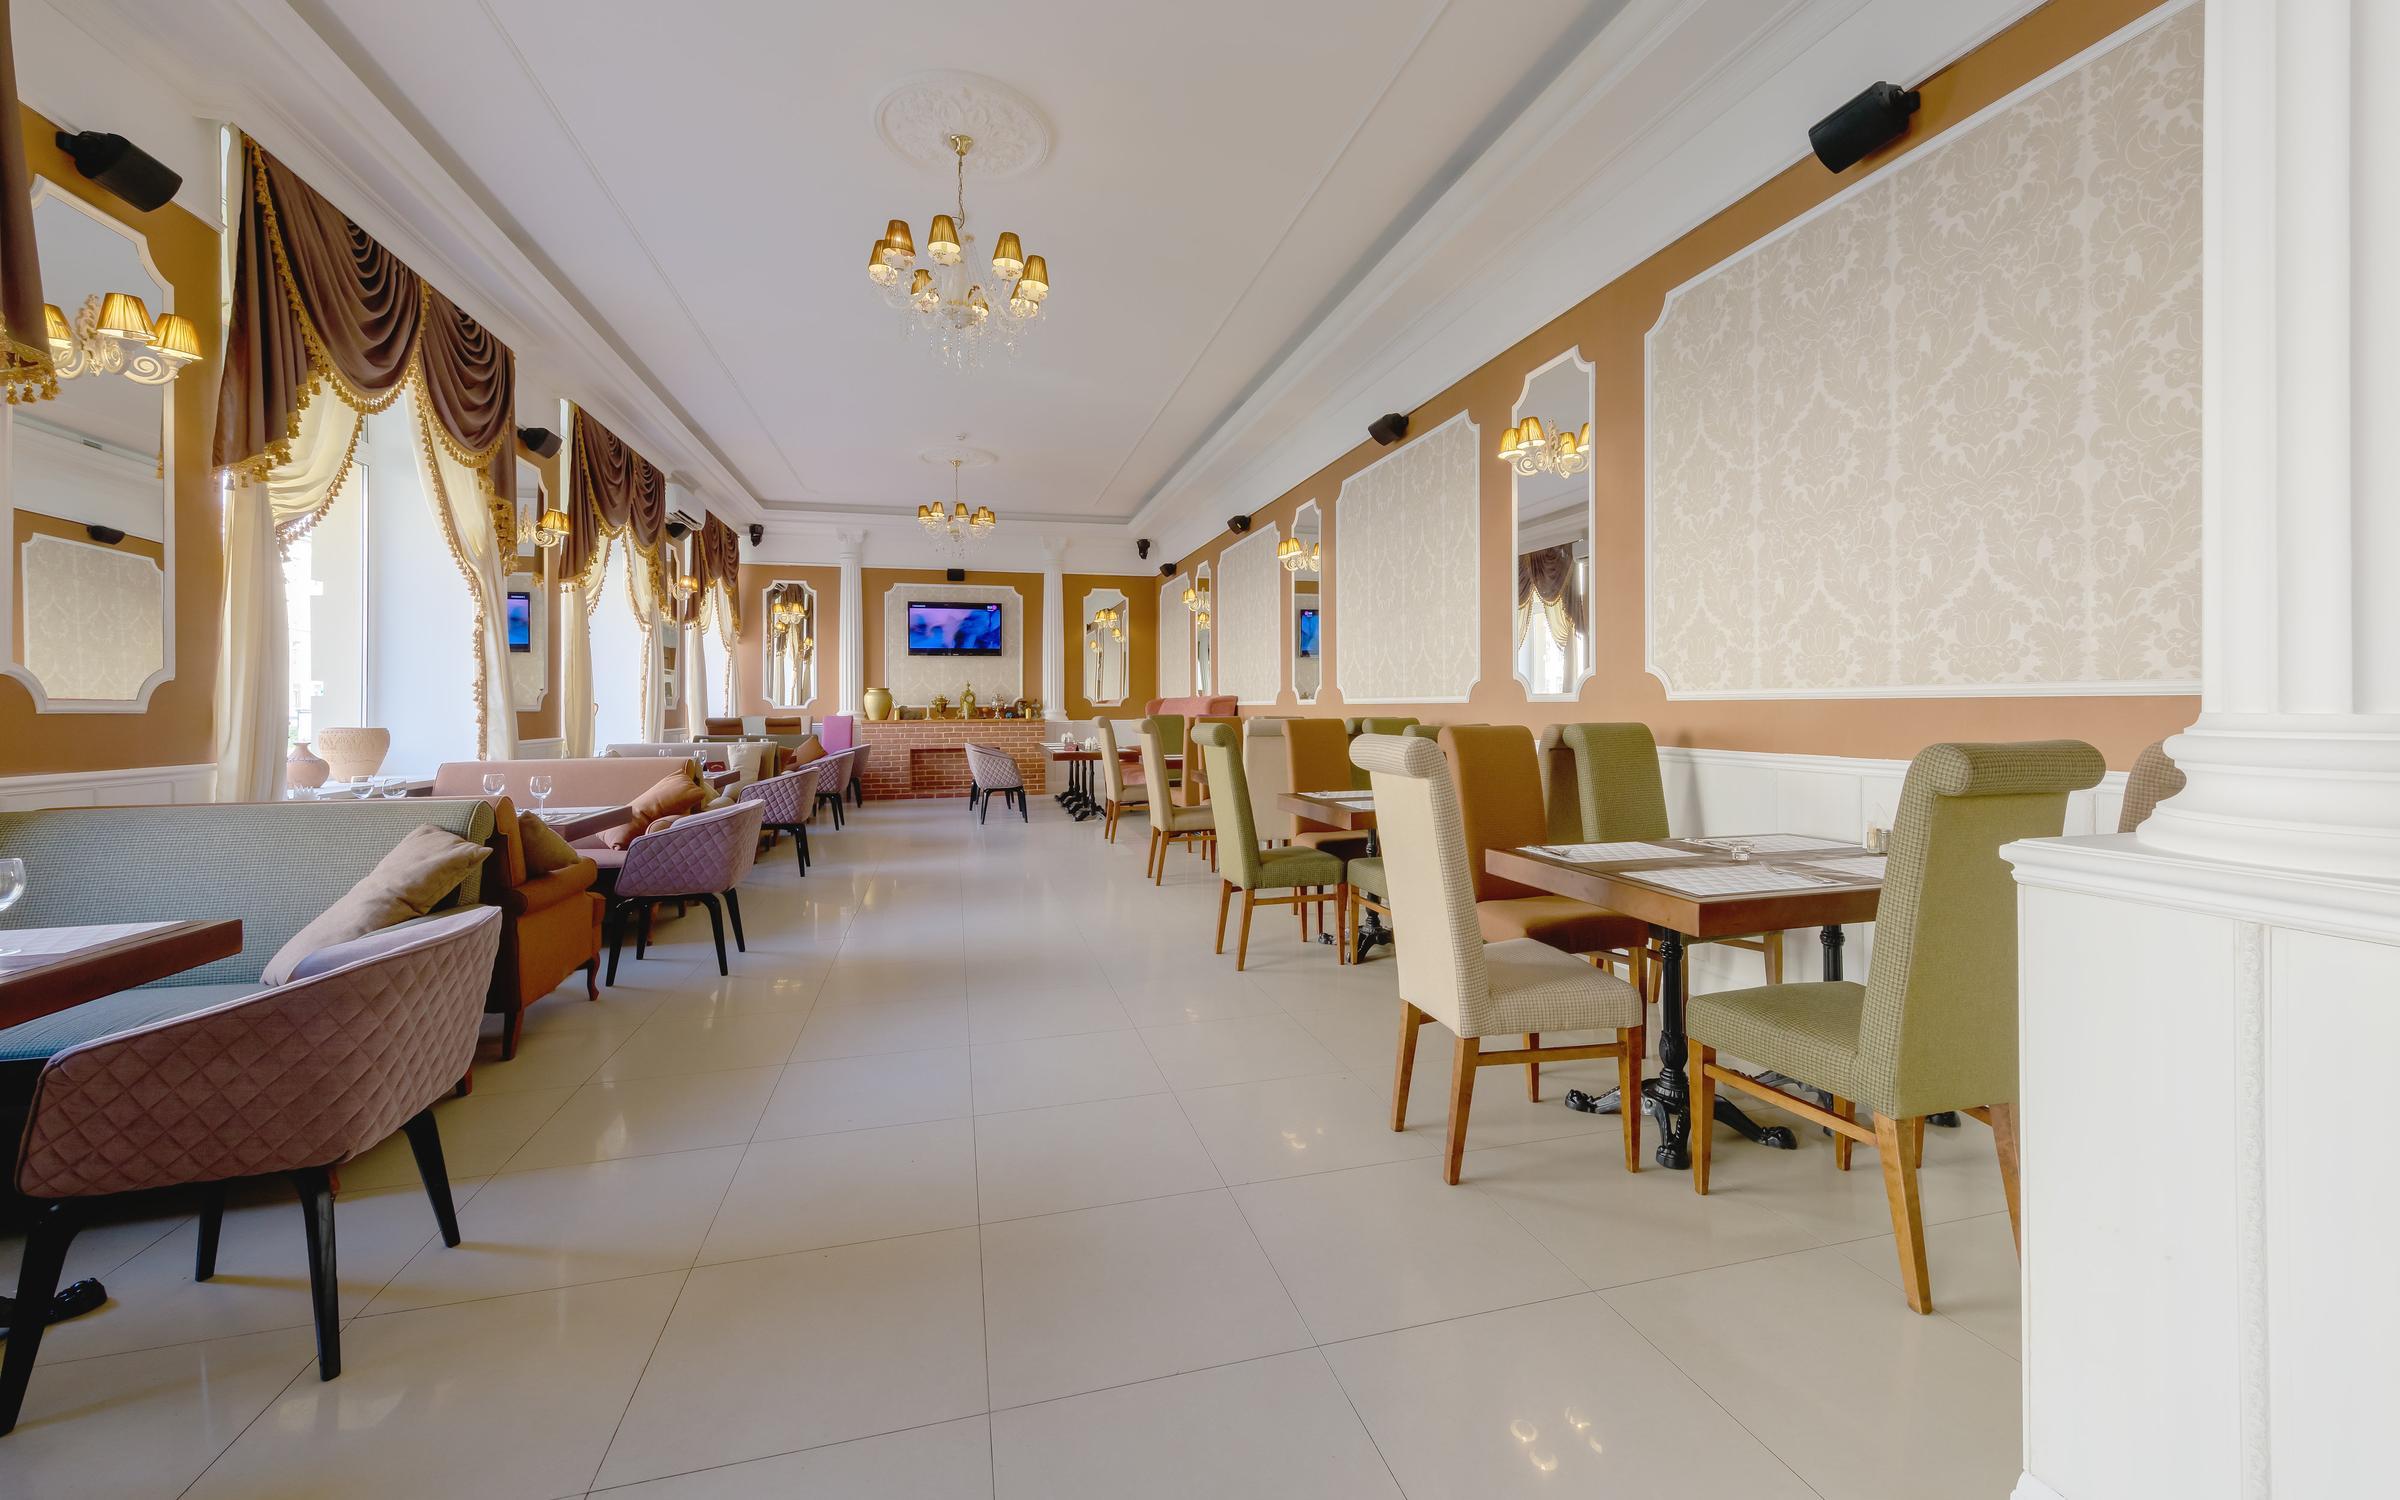 фотография Ресторан-кафе национальной кухни Сумах на метро Автово